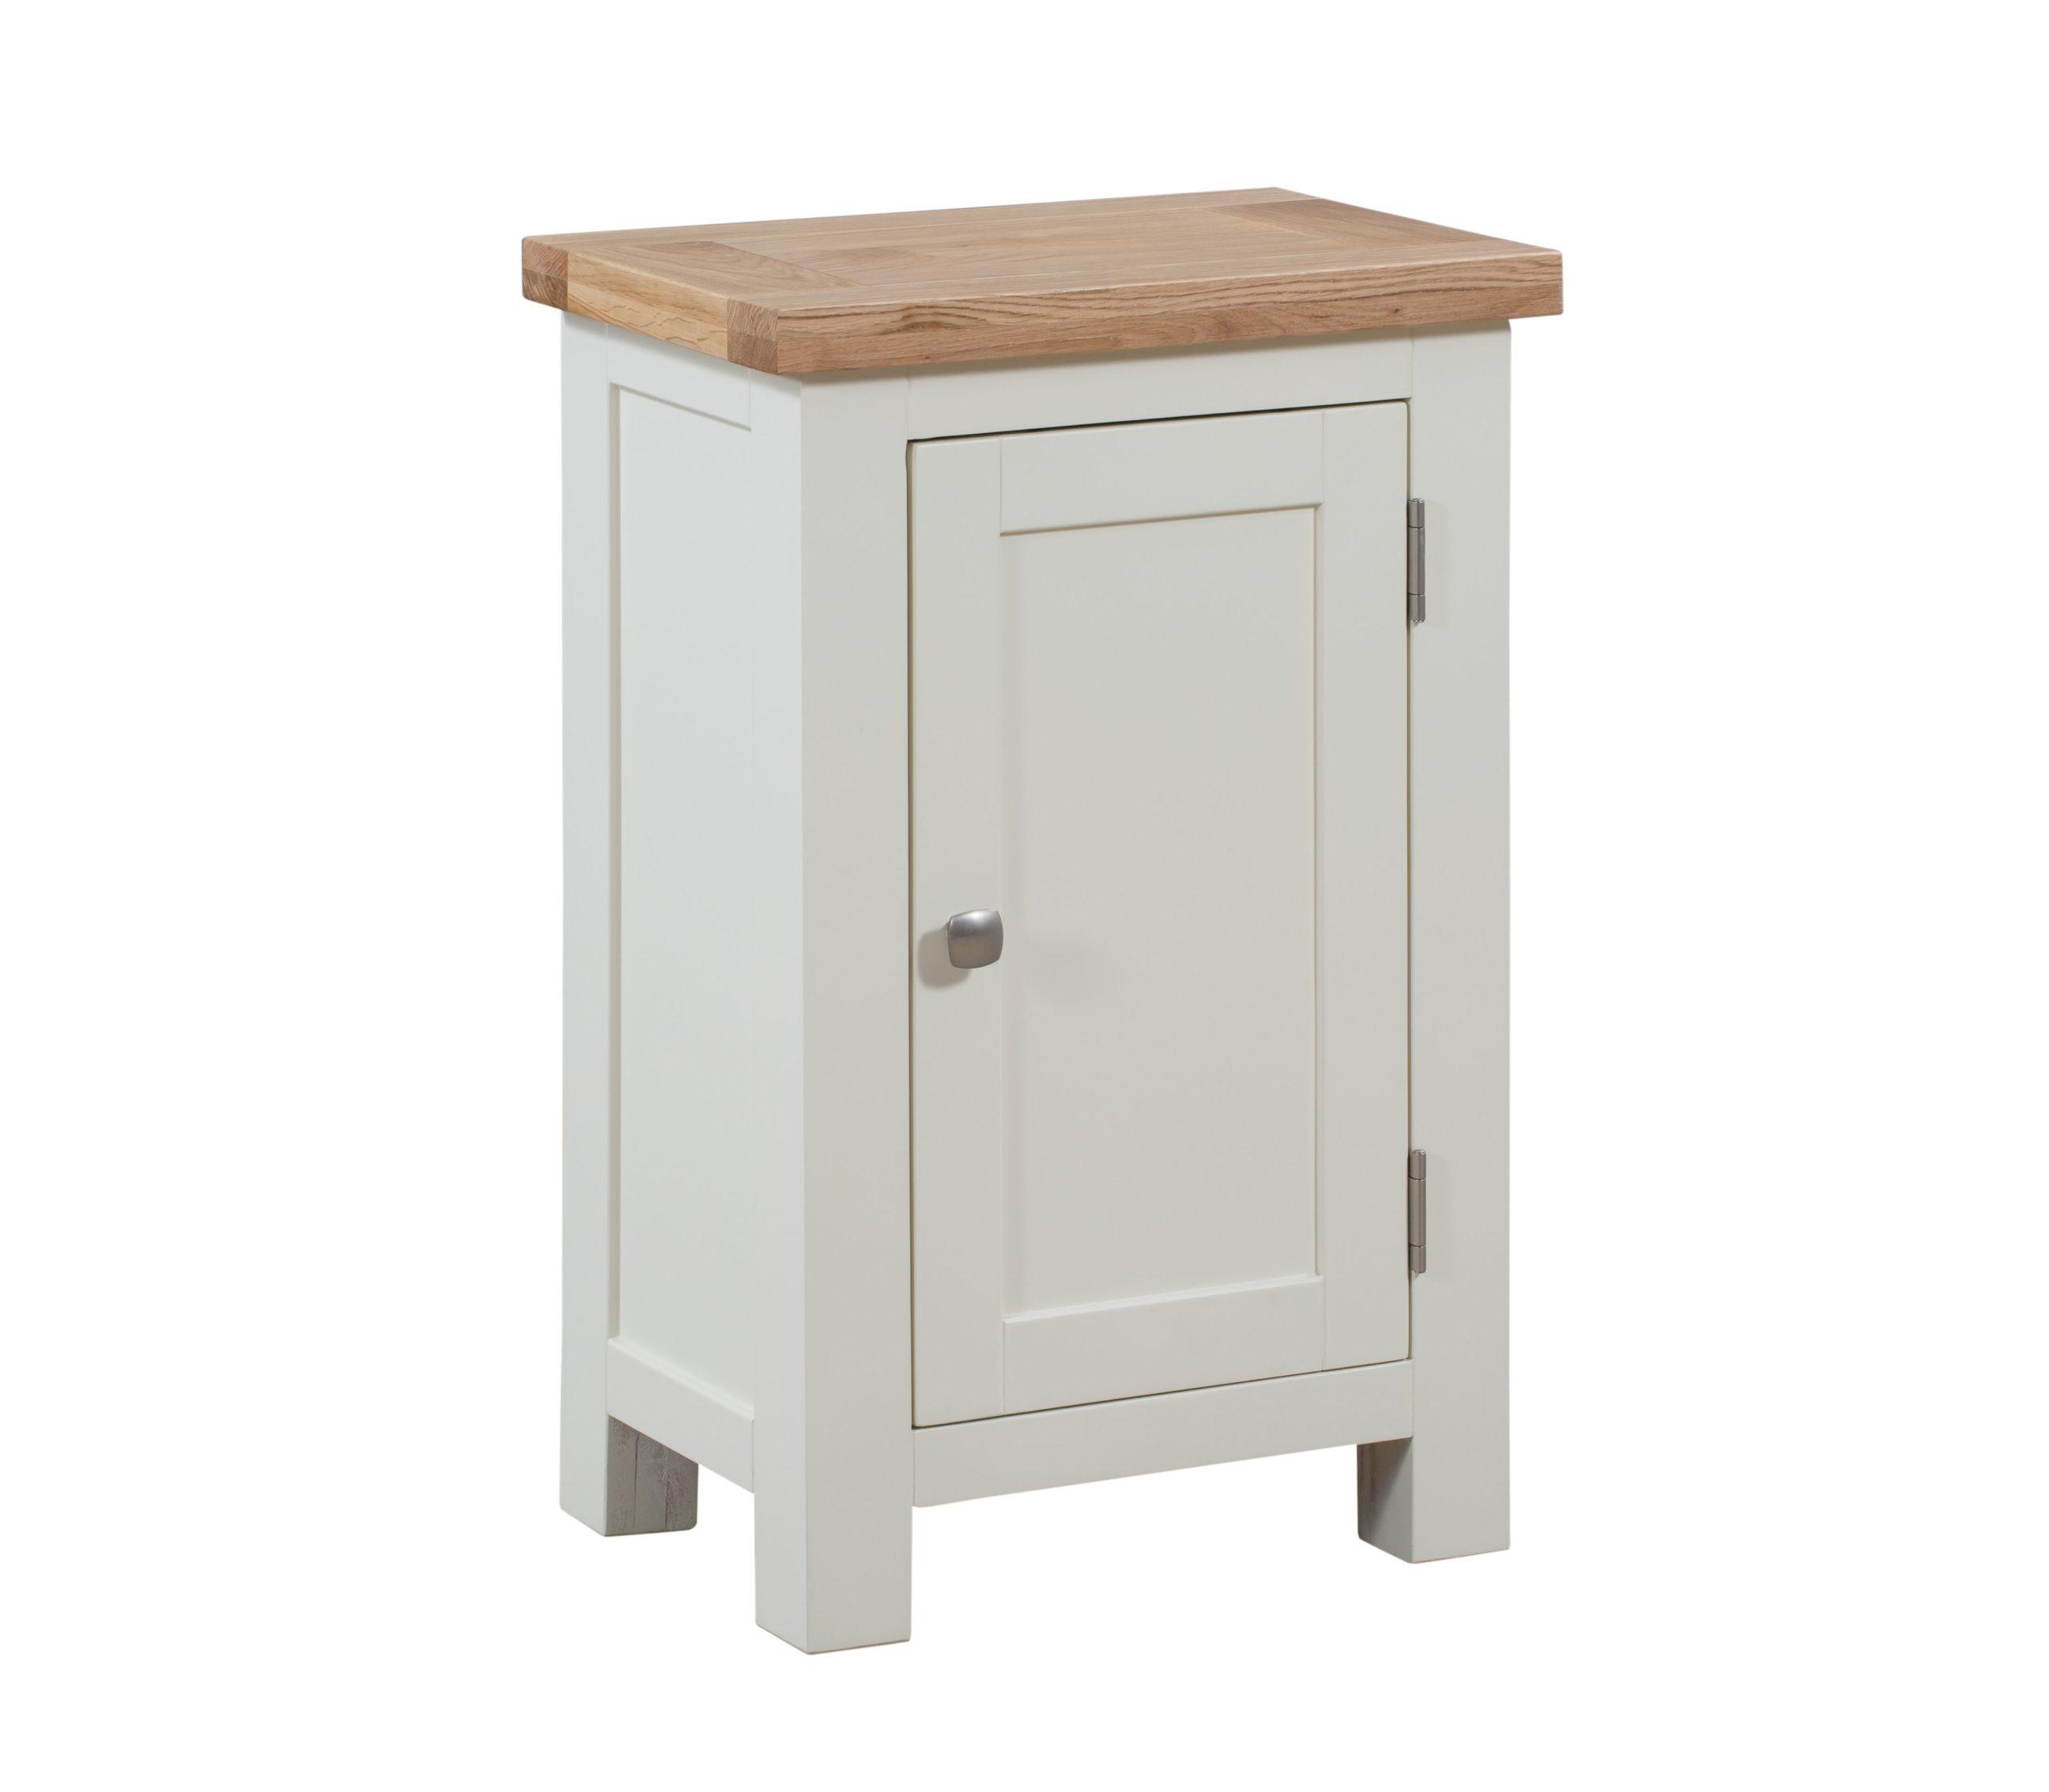 Dorset painted 1 door cupboard with oak top